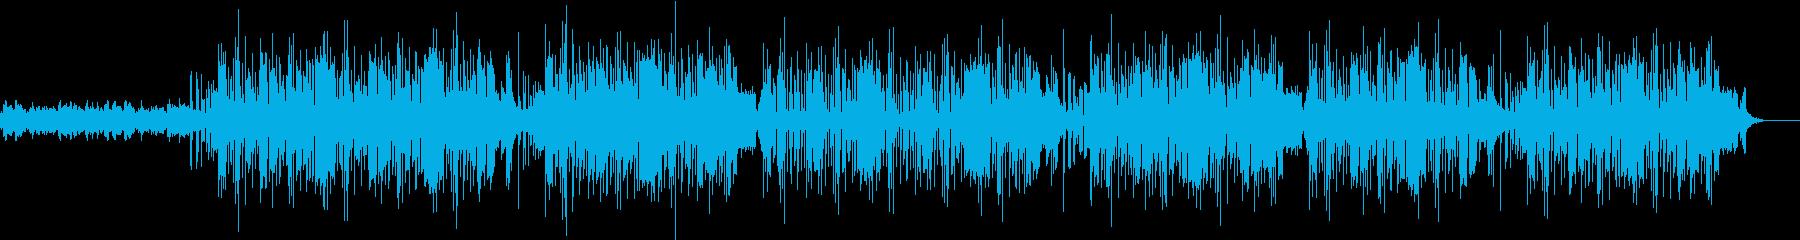 洗練の和風ヒップホップの再生済みの波形